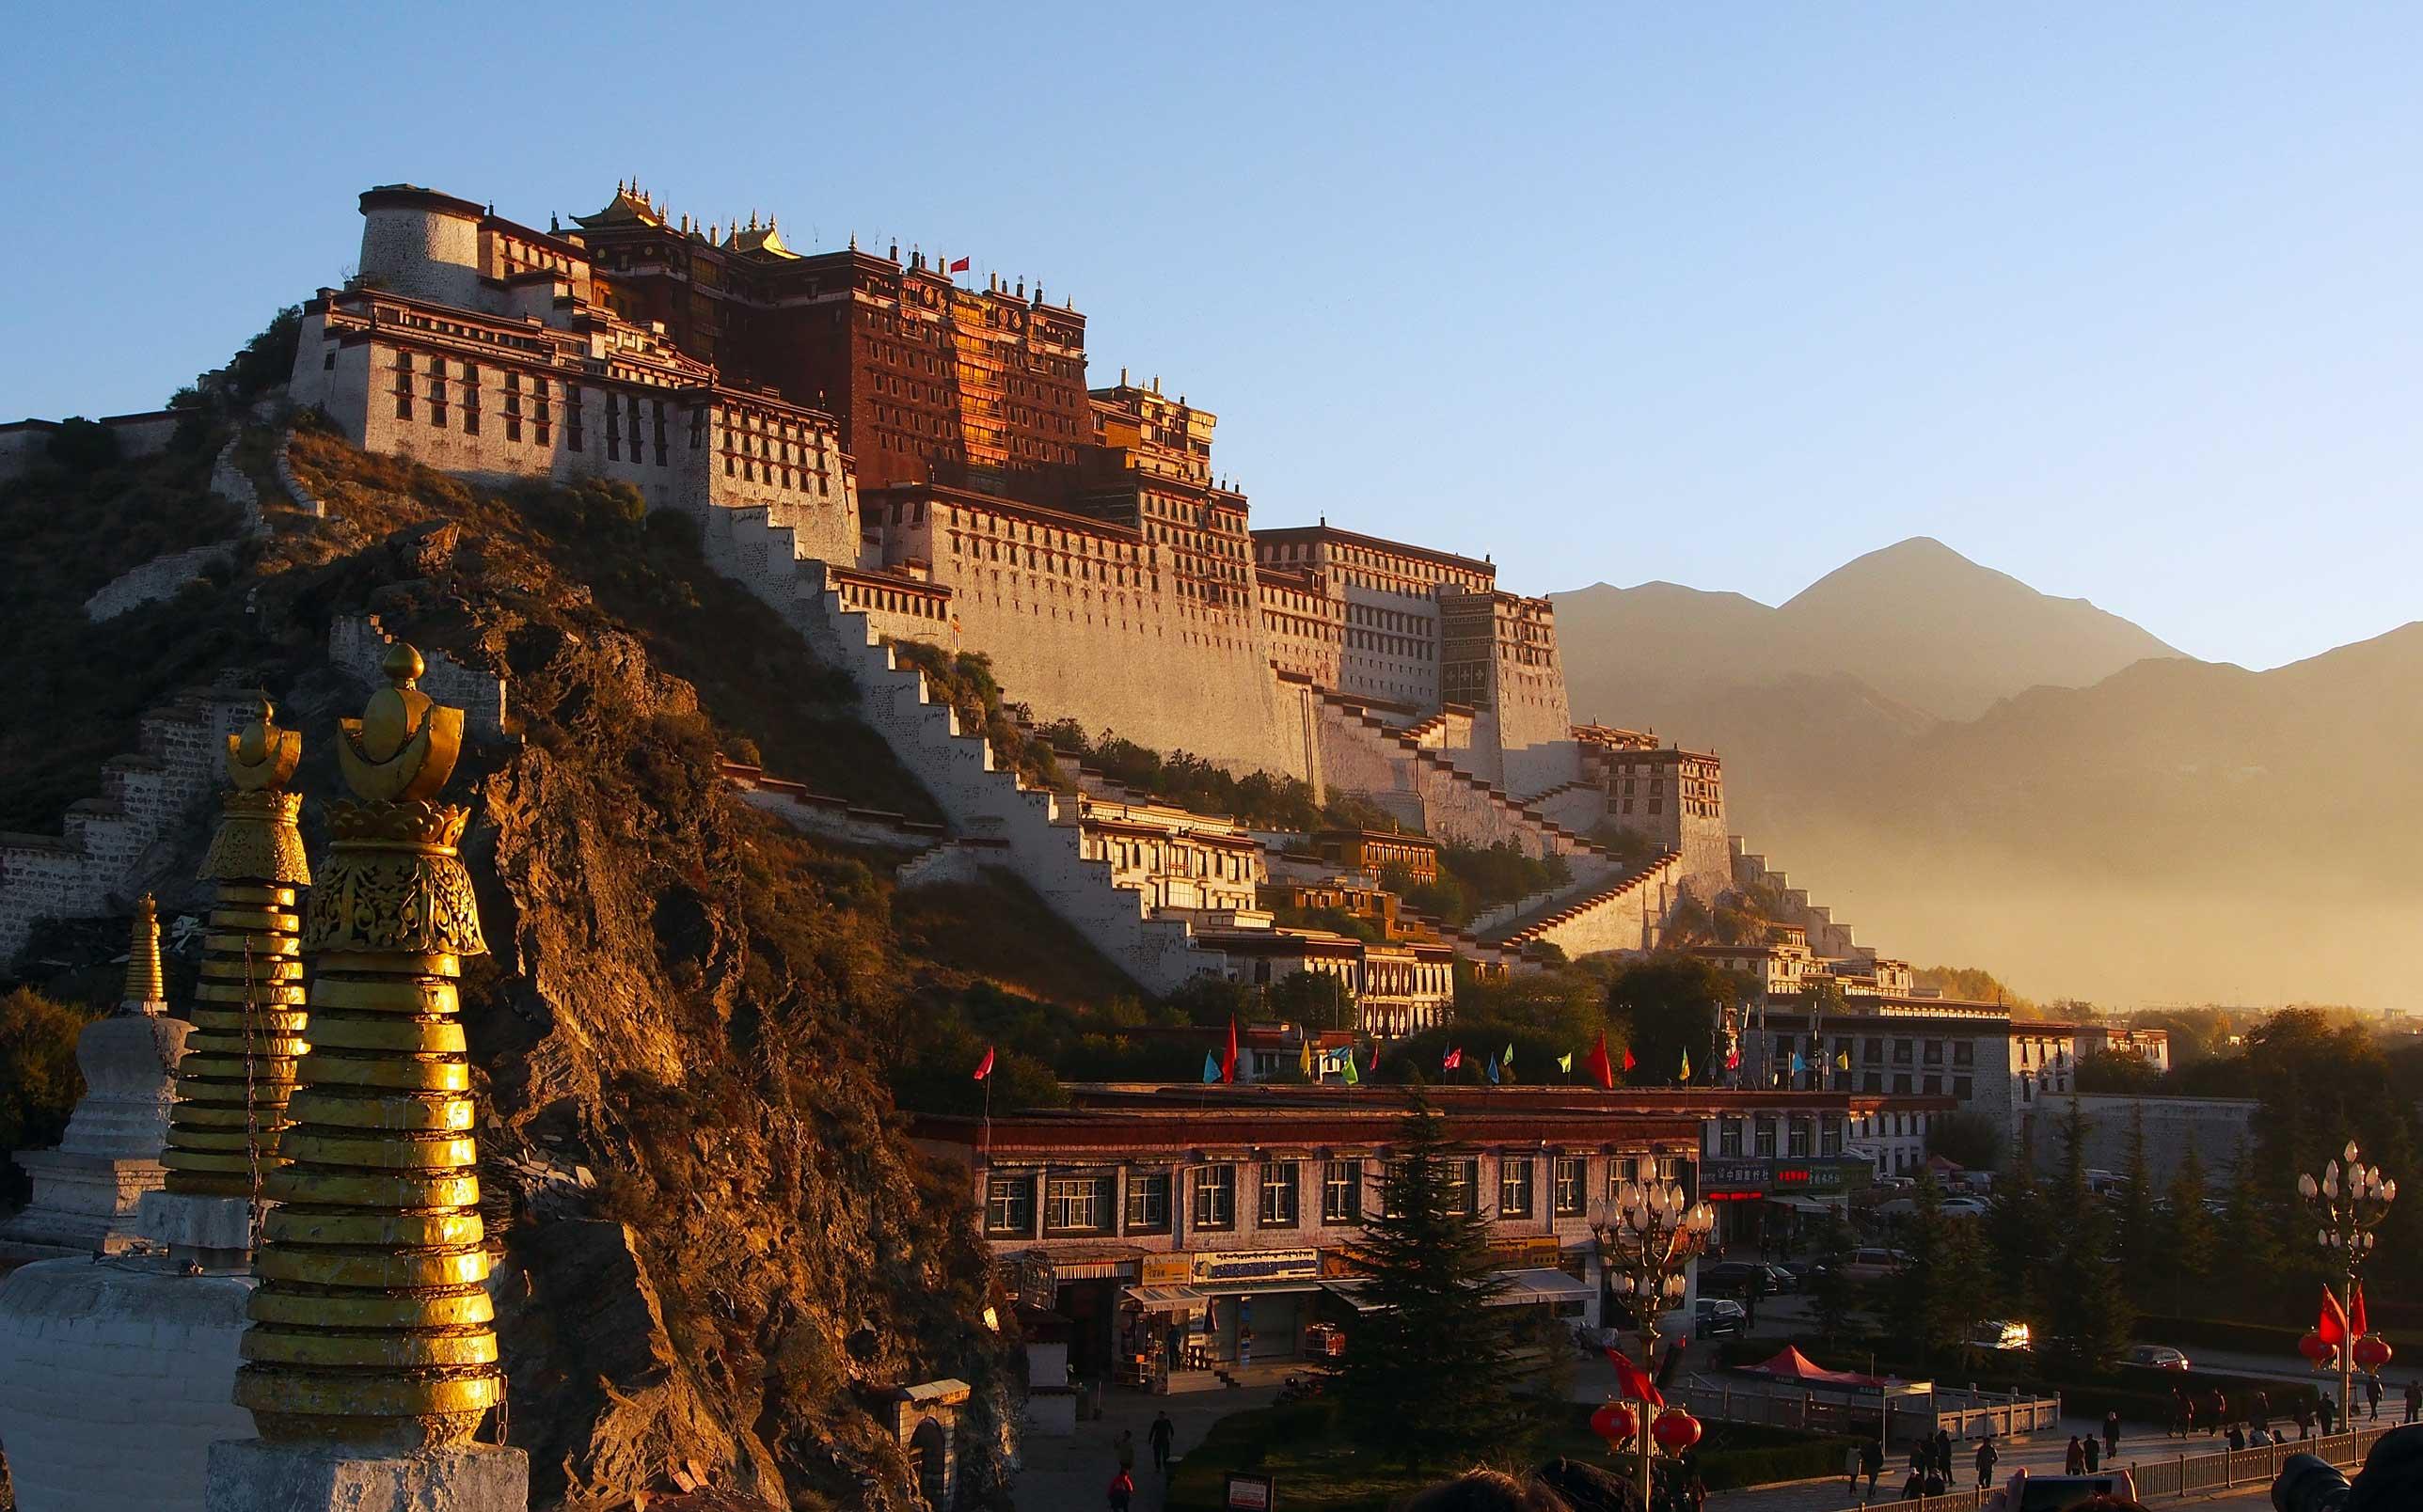 Patola Palace - Lhasa